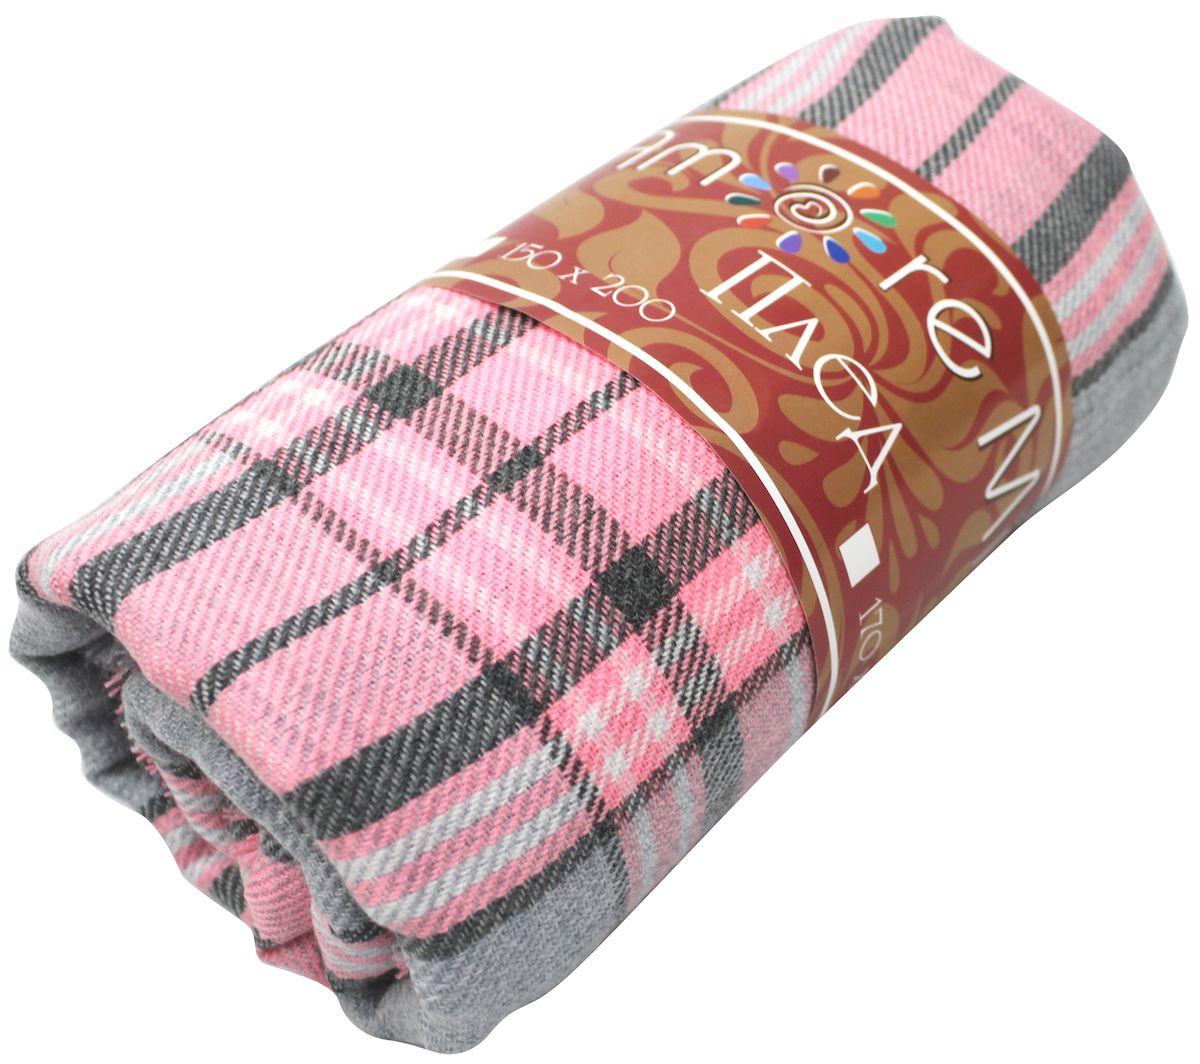 Плед Amore Mio Elegy, 170х200 см78894Пледы Scotland Amore Mio – Комфорт и Уют - Каждый день! Amore Mio-Разнообразие ярких и современных дизайнов прослужат не один год и всегда будут радовать Вас и Ваших близких сочностью красок и красивым рисунком. Пледы Amore Mio подарят Вам нежность жаркими летними ночами, теплоту и комфорт прохладными зимними вечерами. Пледы Scotland Amore Mio - легкое, универсальное тканое изделие, с кистями. Пряжей для выработки послужил 100% Акрил. Не зря в народе за акрилом закрепилось имя искусственной шерсти. Потому что акриловое волокно великолепно удерживает тепло, оно практично и долговечно. Еще одно преимущество - в цене, так как по факту акрил значительно дешевле натуральной шерсти.